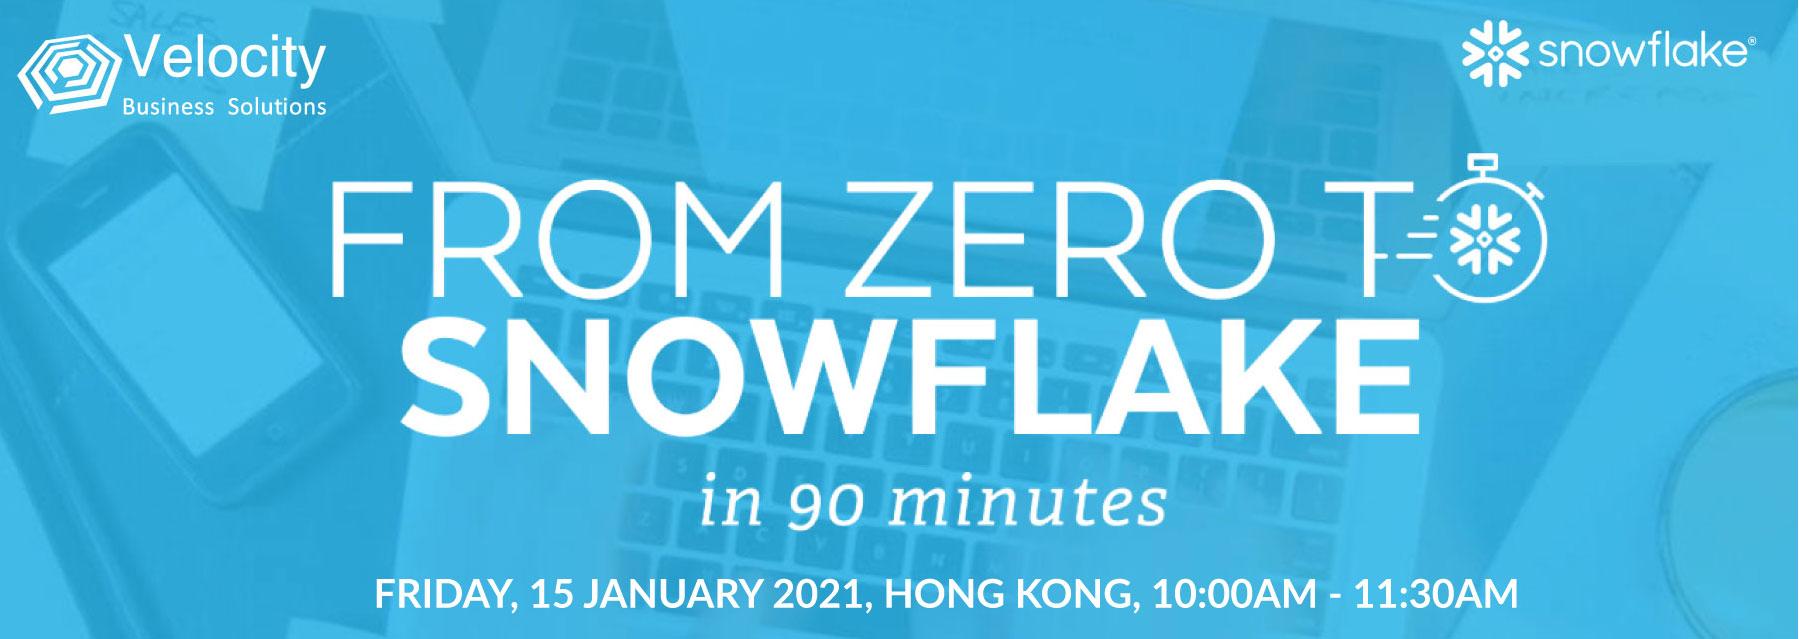 Zero-to-Snowflake-Banner-15-jan-21